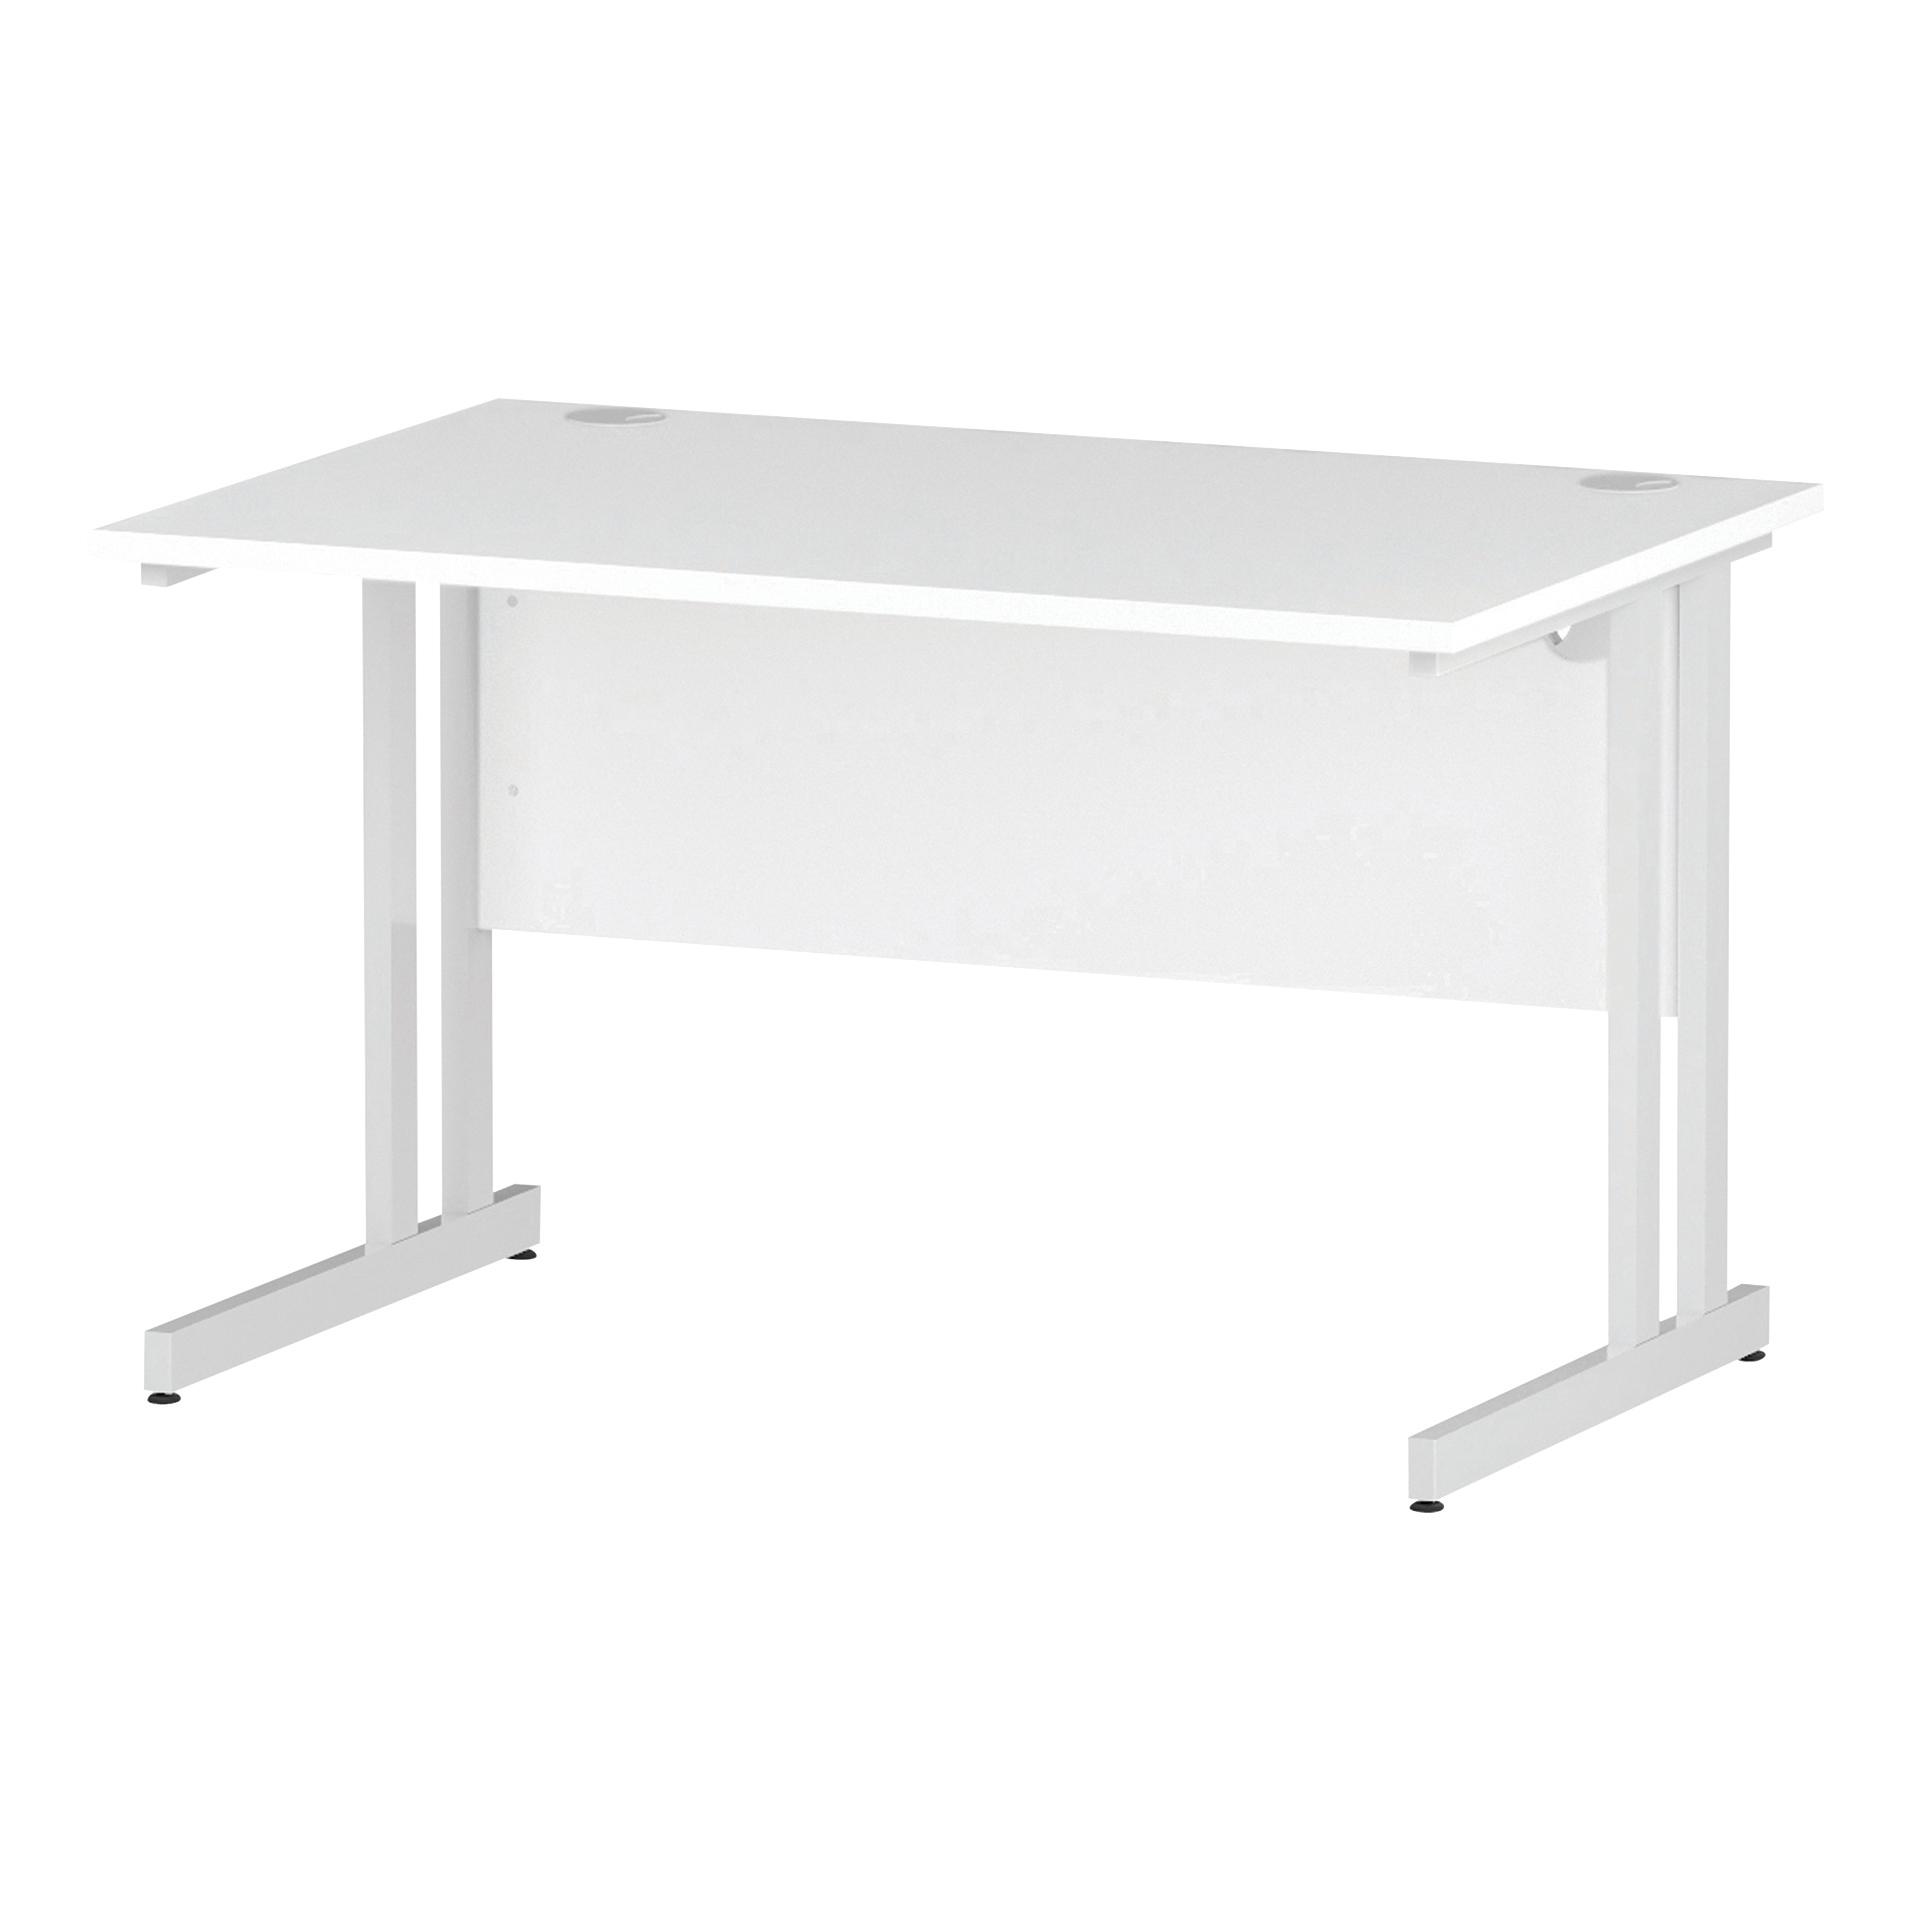 Trexus Rectangular Desk White Cantilever Leg 1200x800mm White Ref I002191